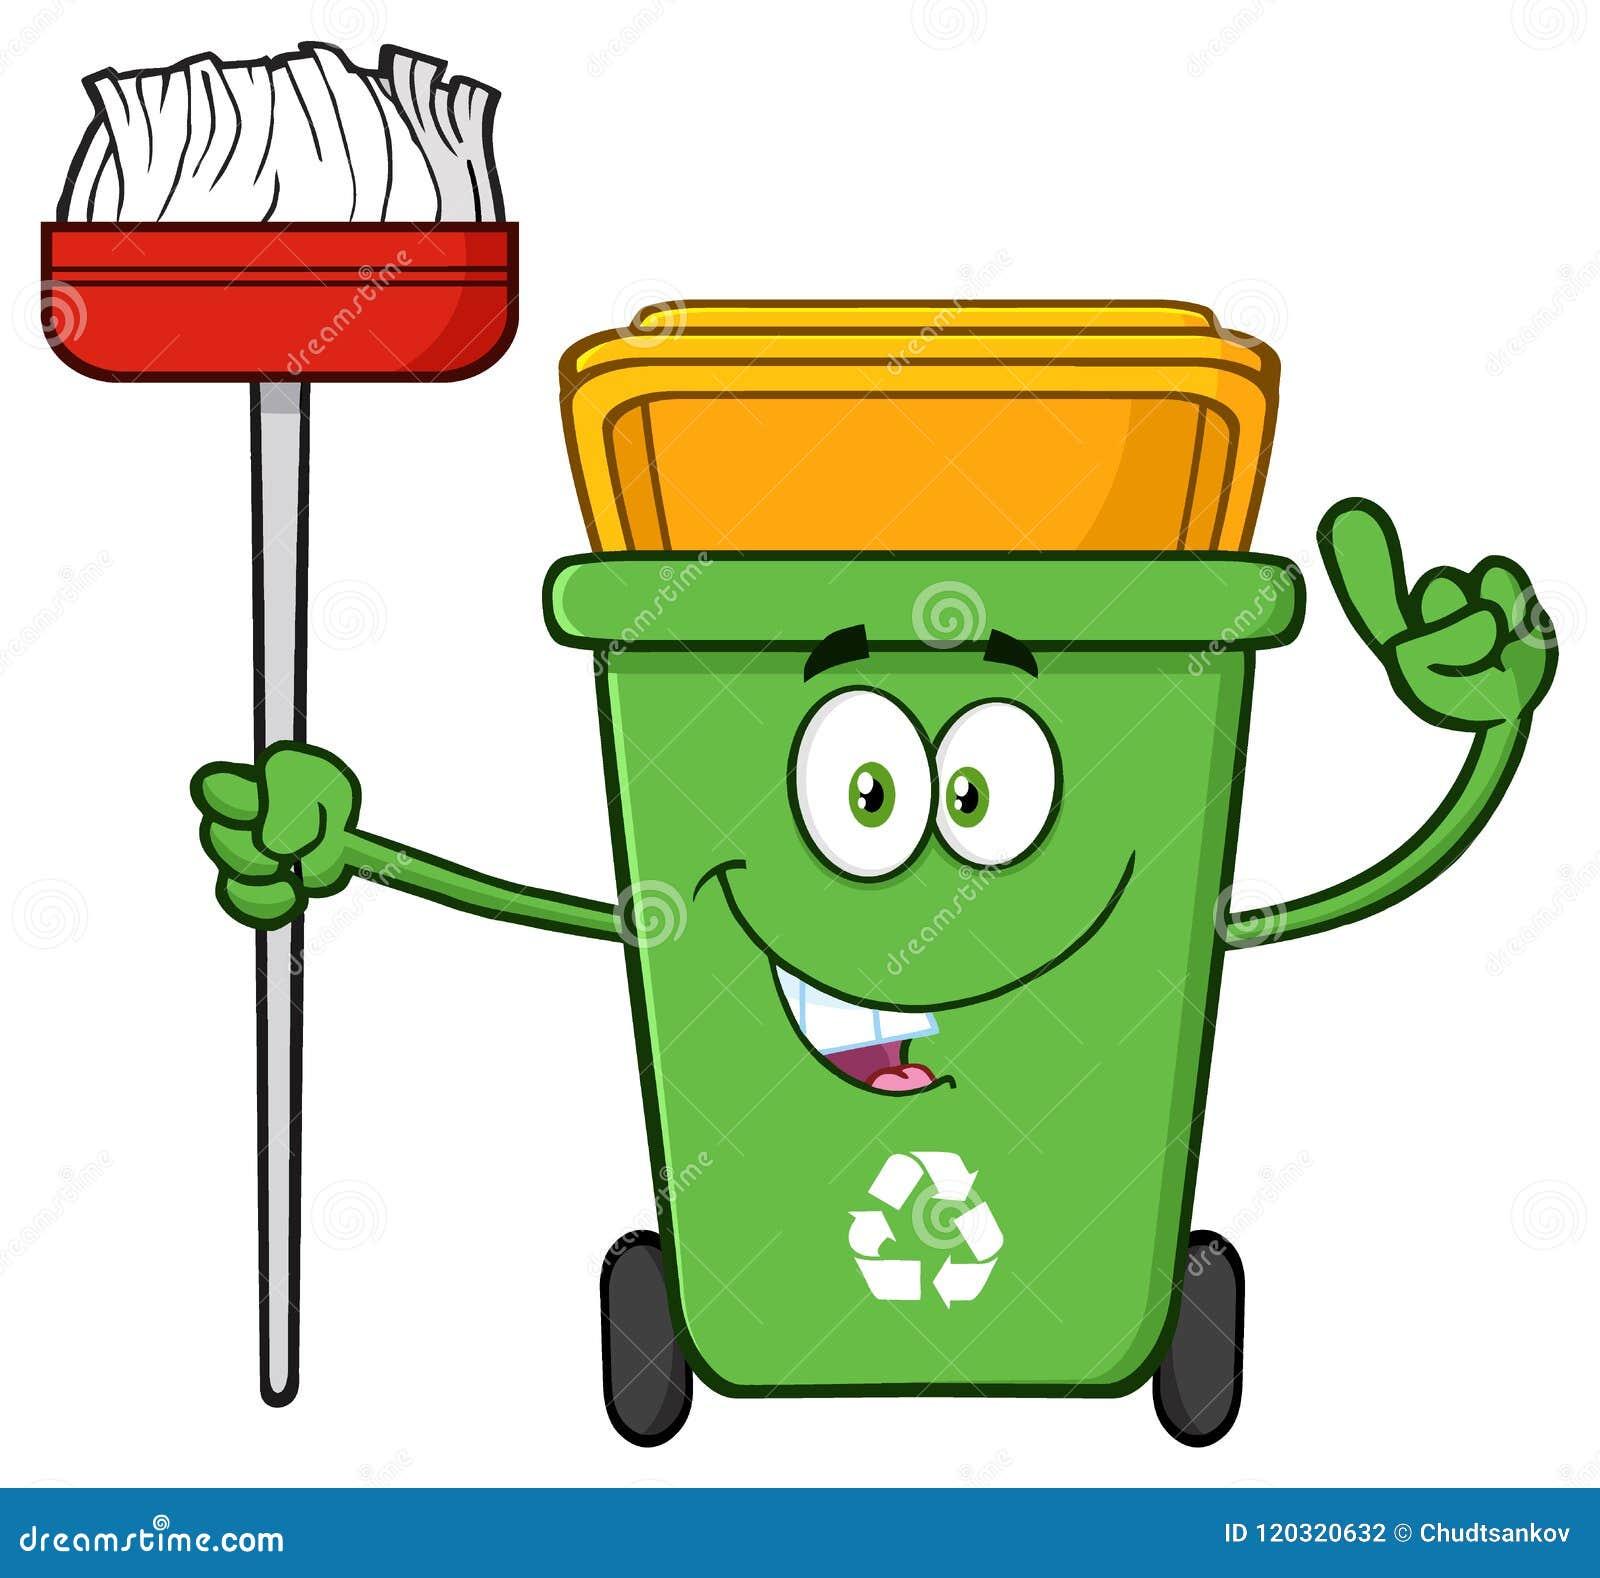 Carater Verde De Fala Da Mascote Dos Desenhos Animados Da Reciclagem